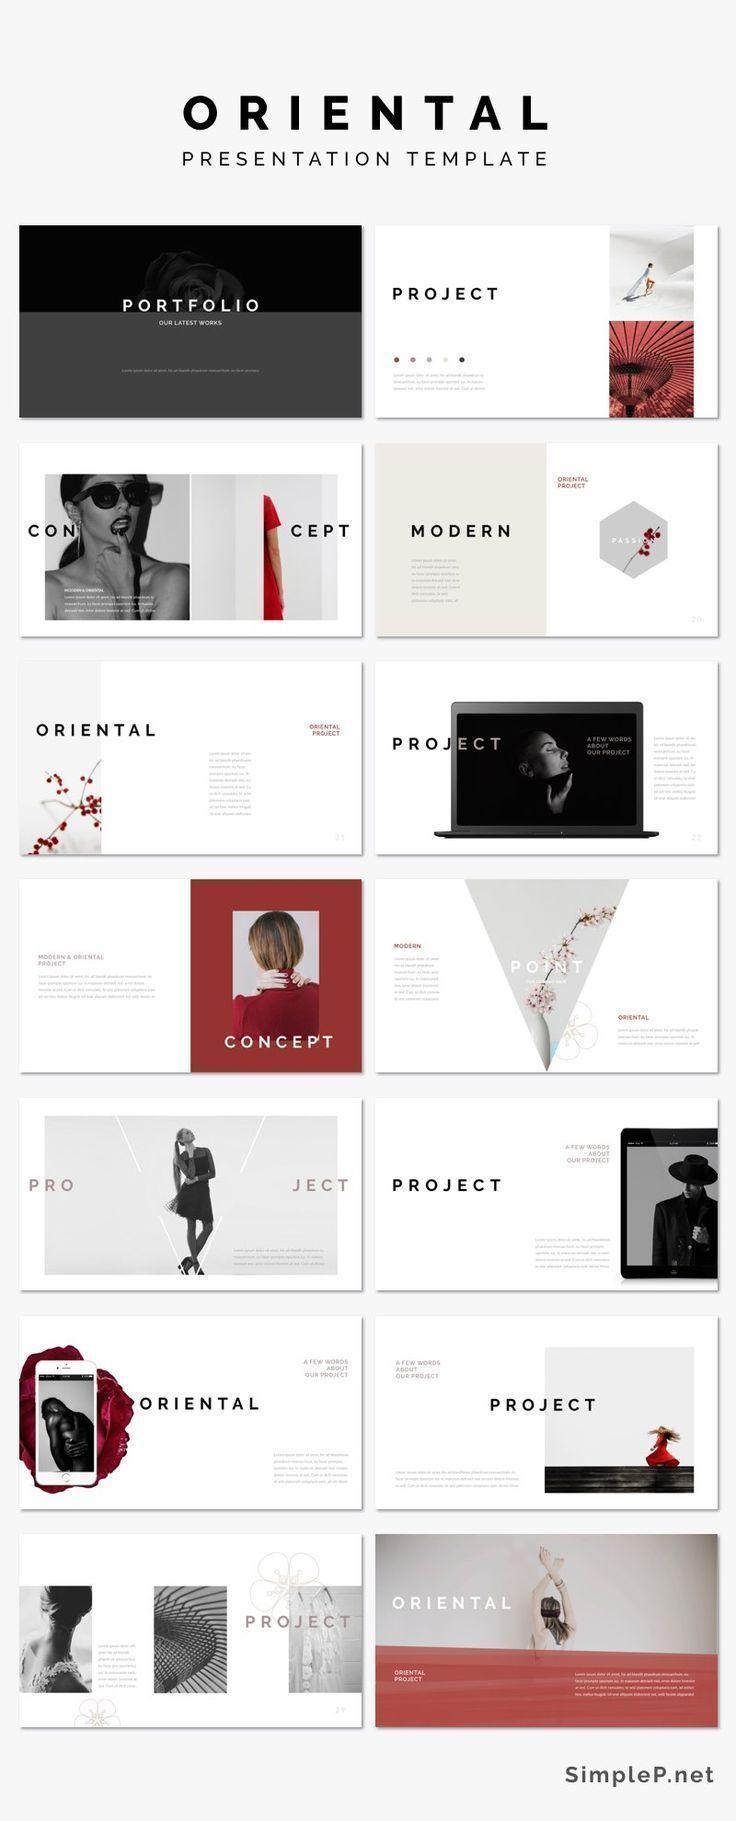 Oriental Powerpoint Presentation Template Minimalist Oriental Red